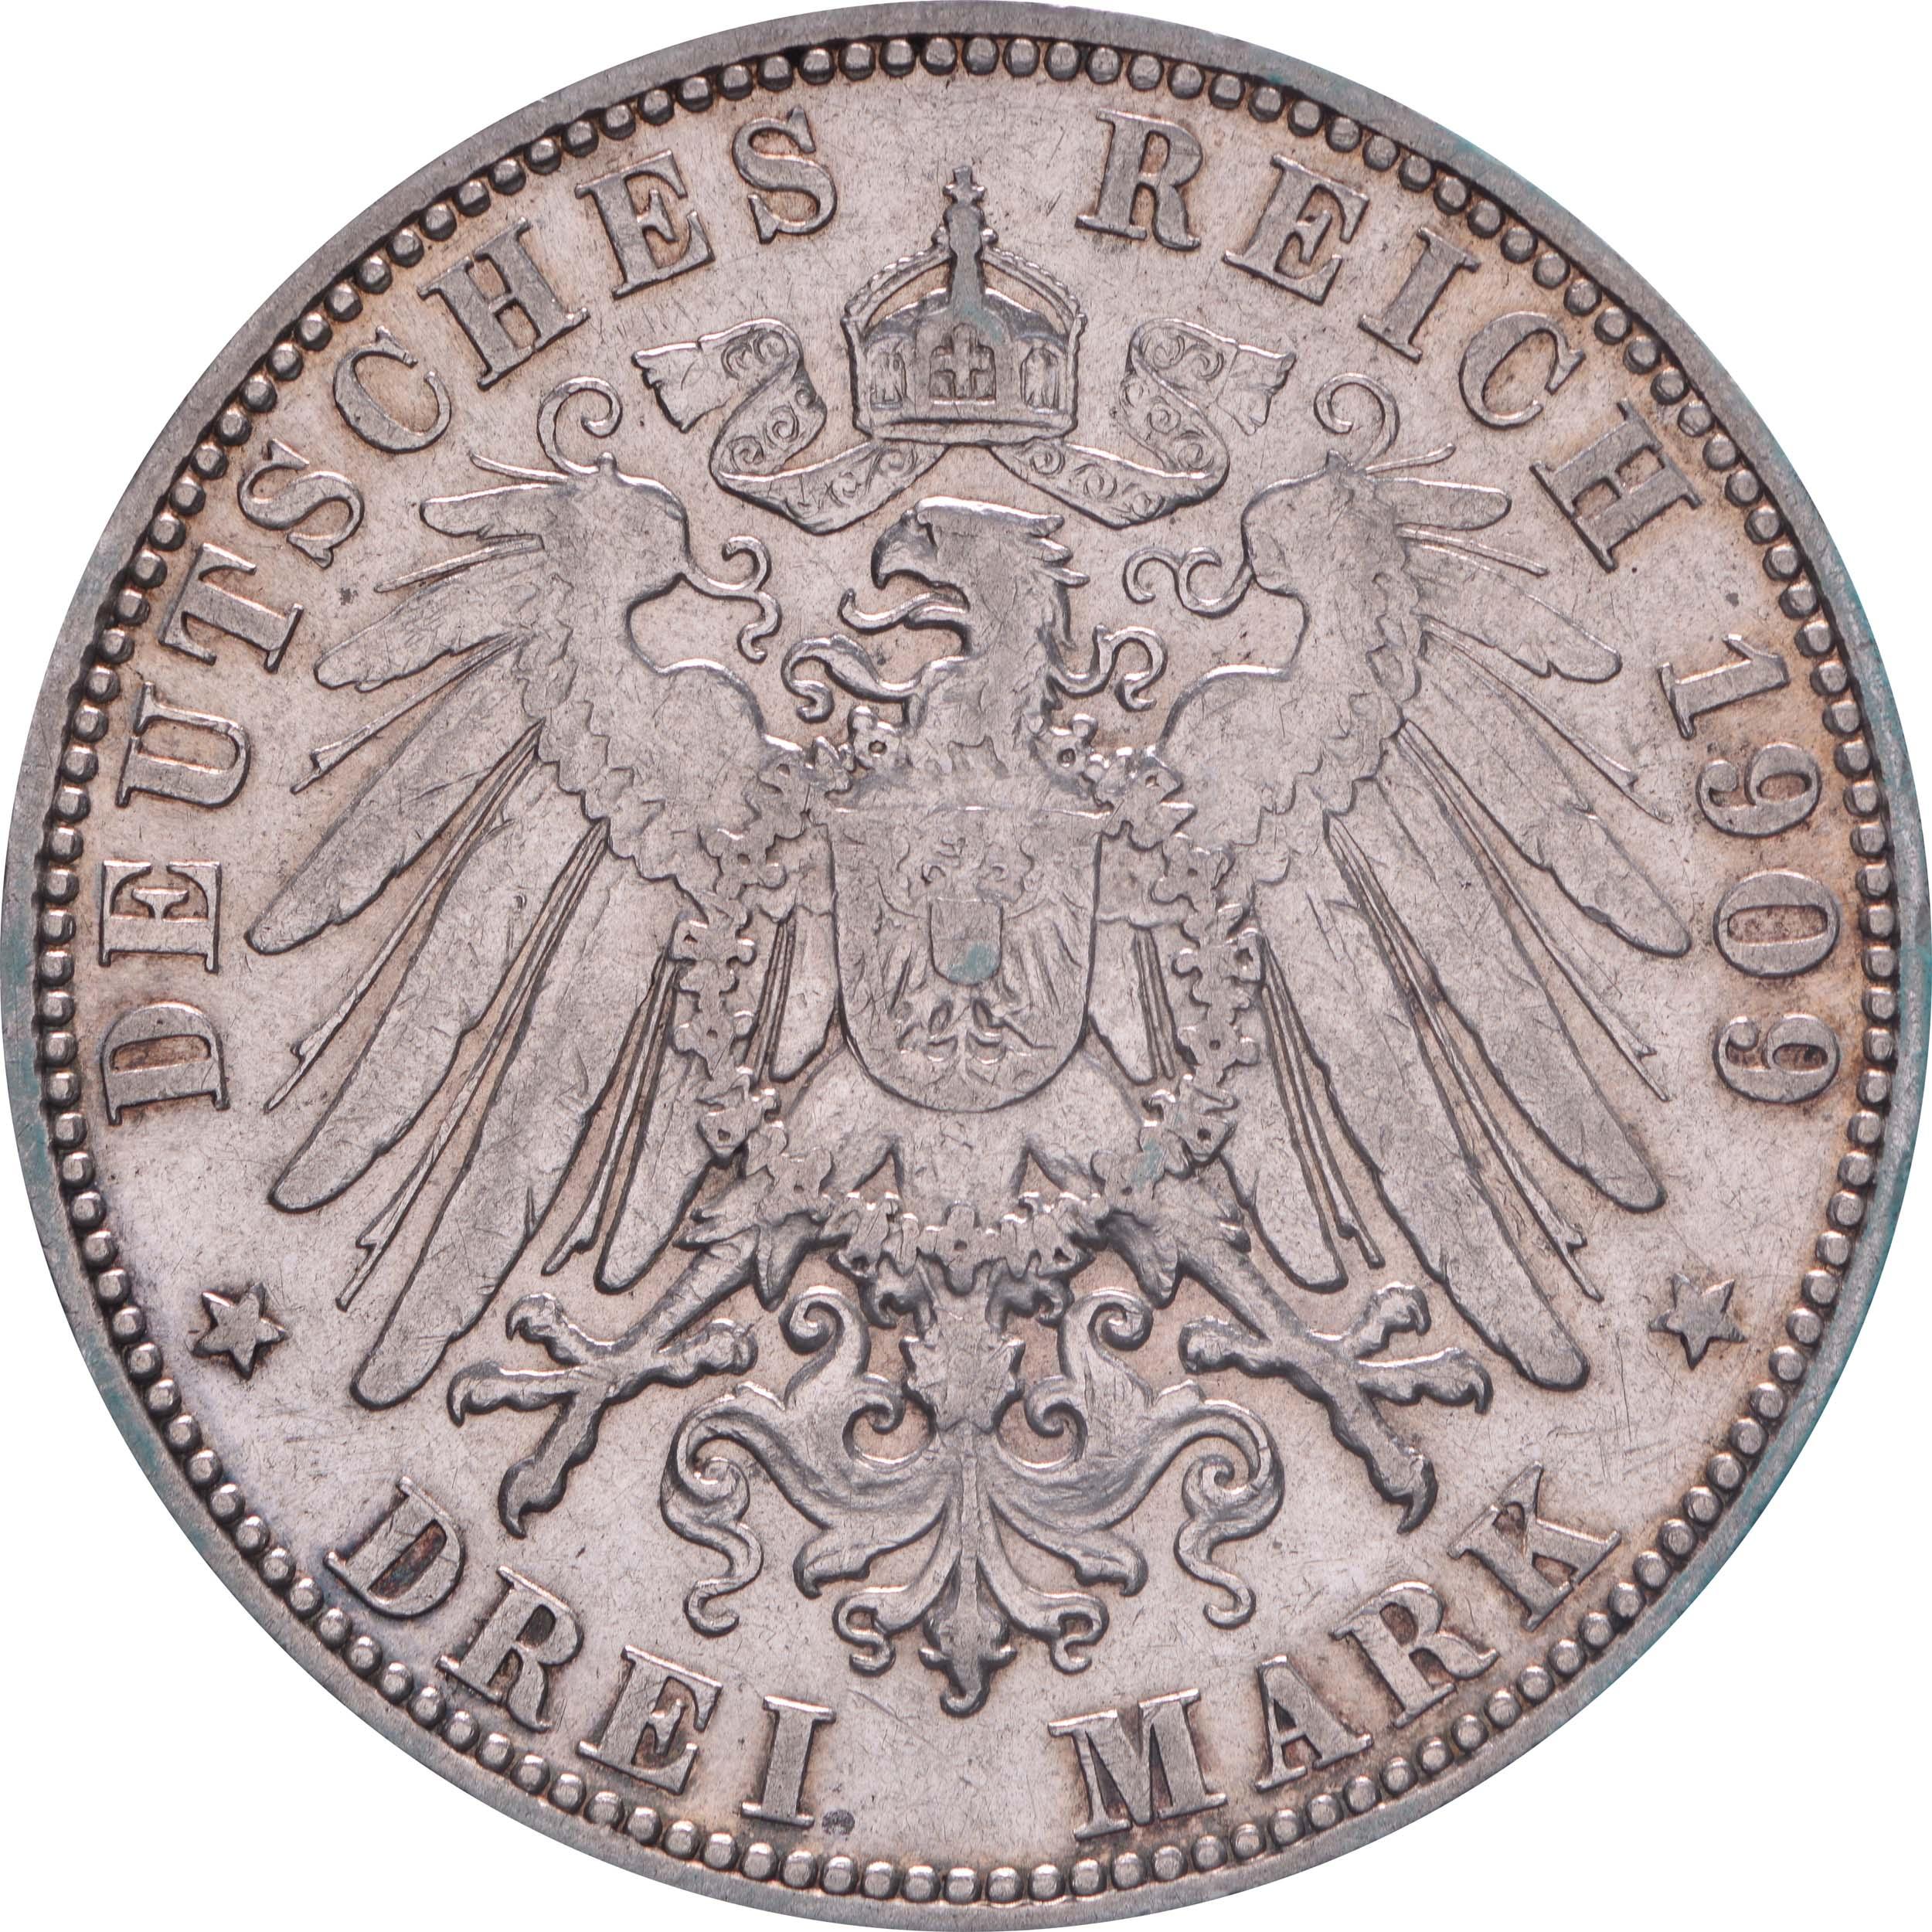 Bild der Rückseite :Deutschland - 3 Mark Stadtsiegel patina 1909 vz.